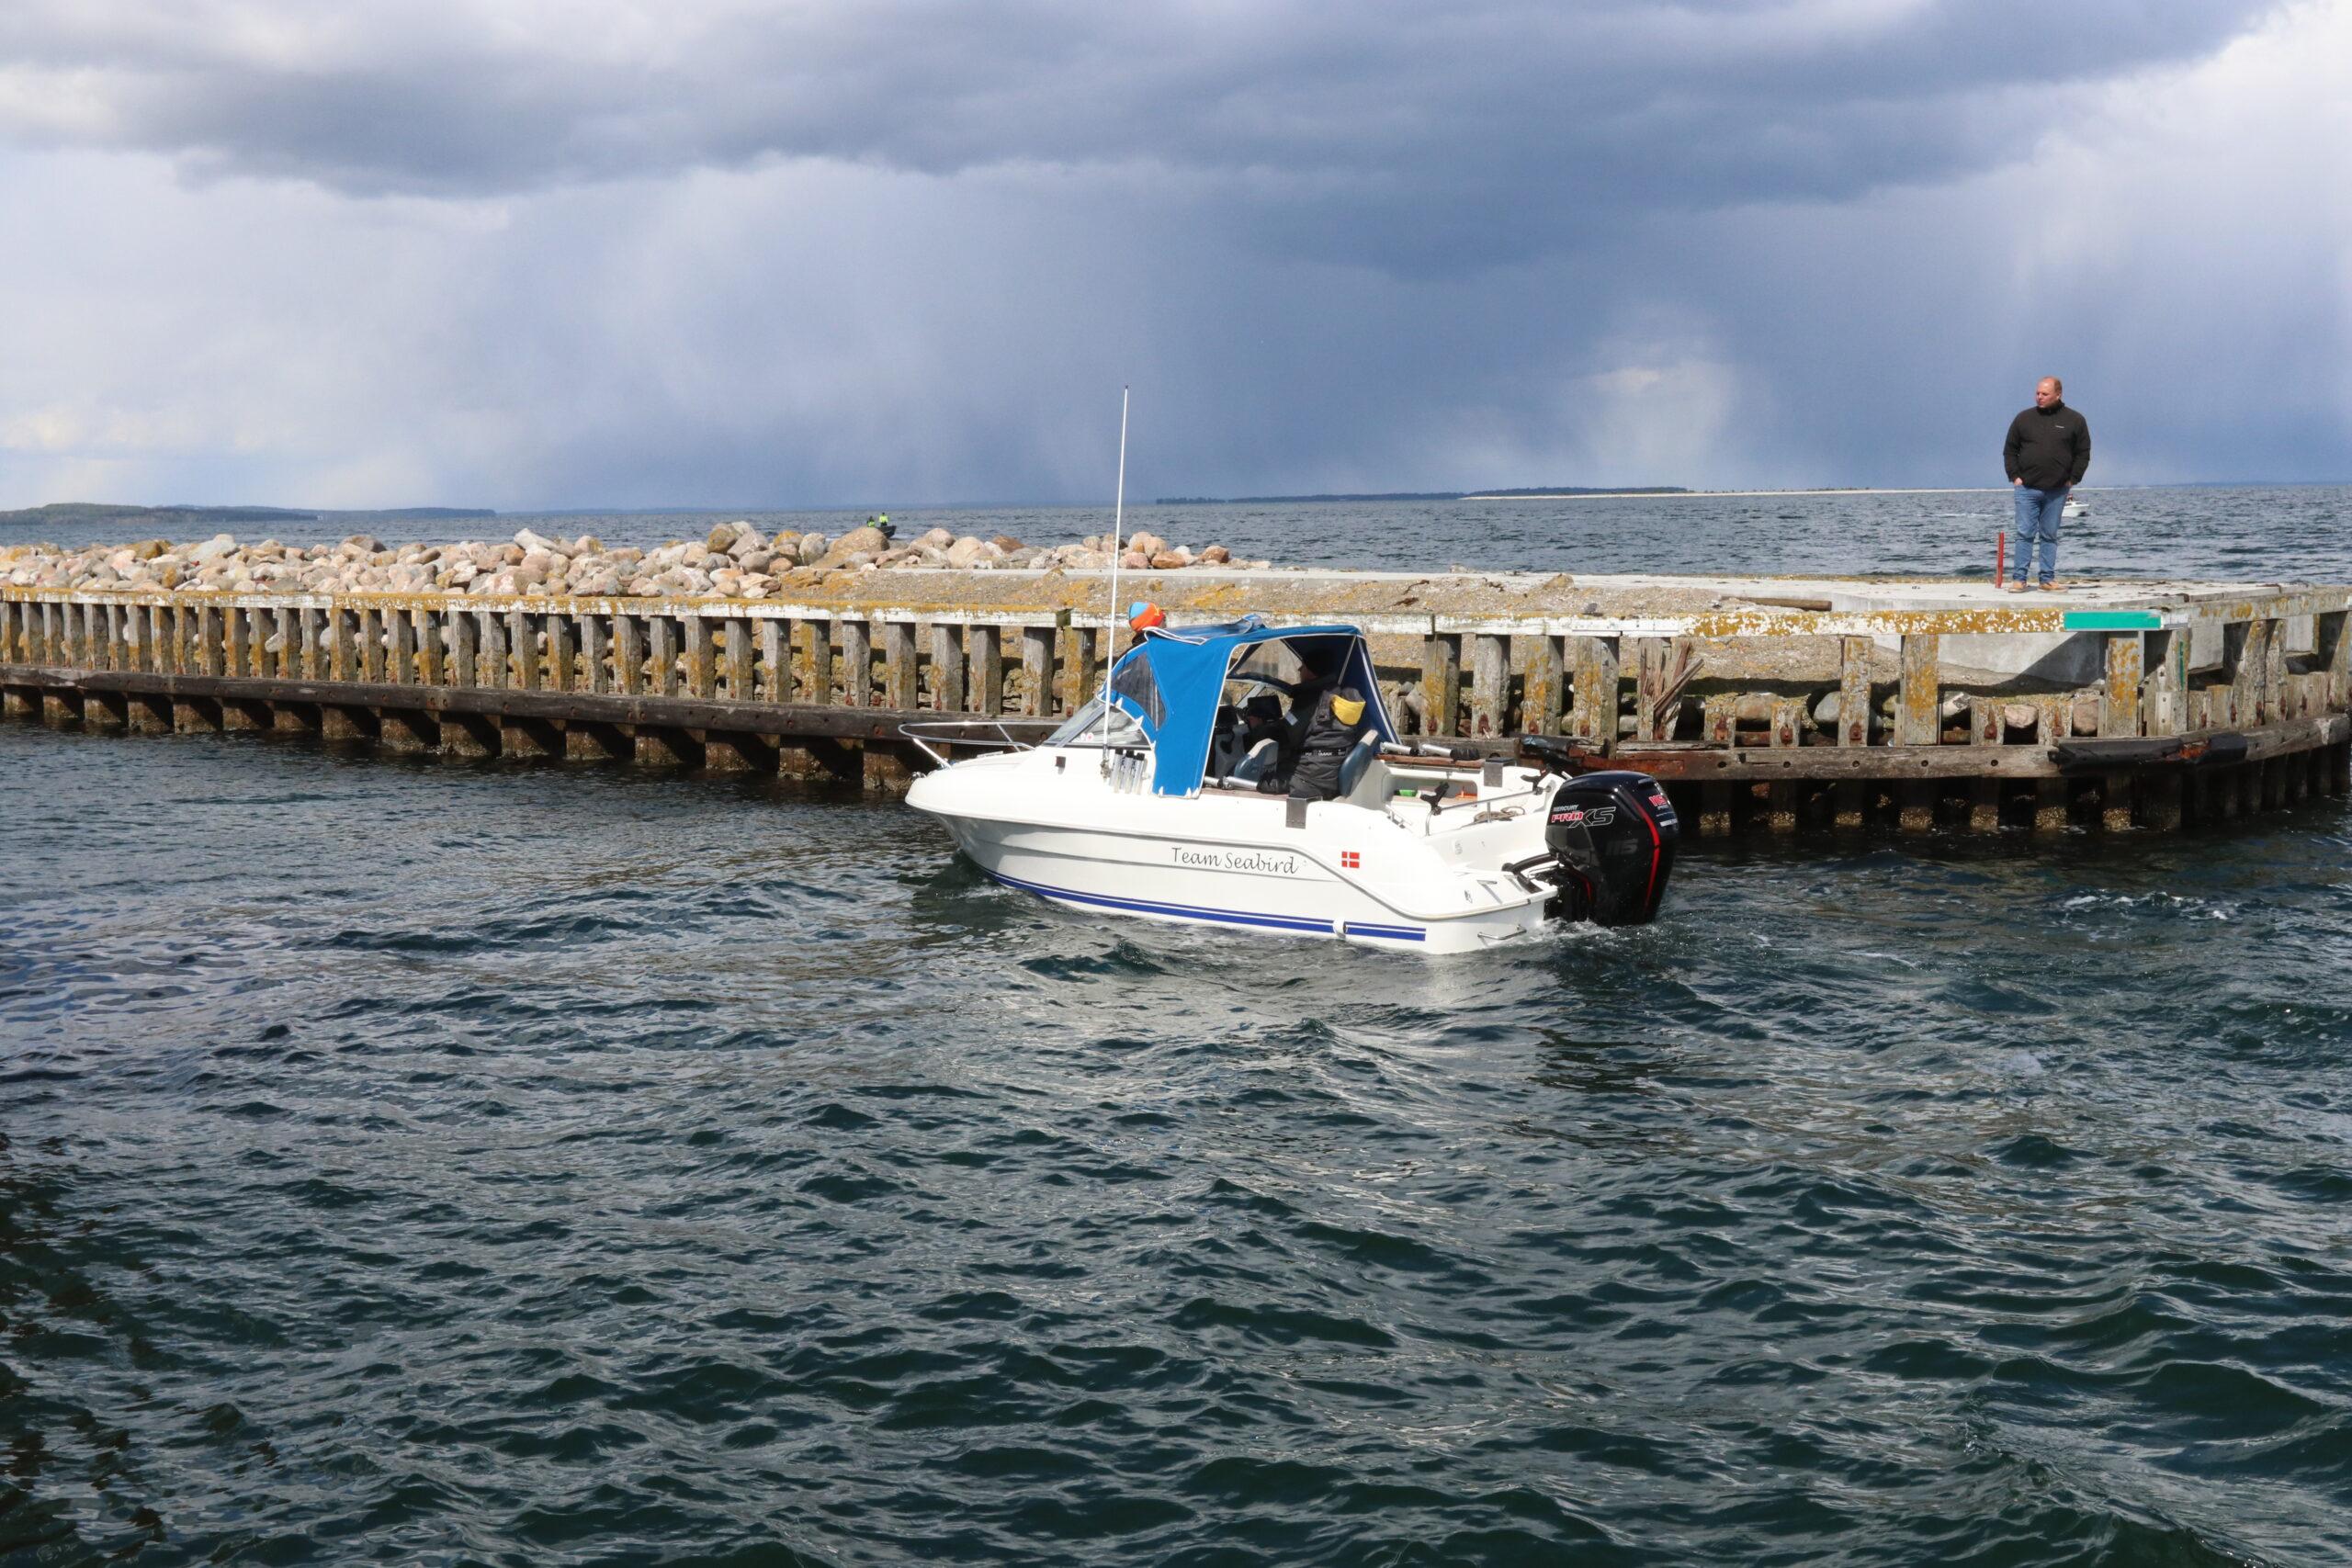 Miljøministeren: Staten bør overtage miljøtilsynet med havbrug